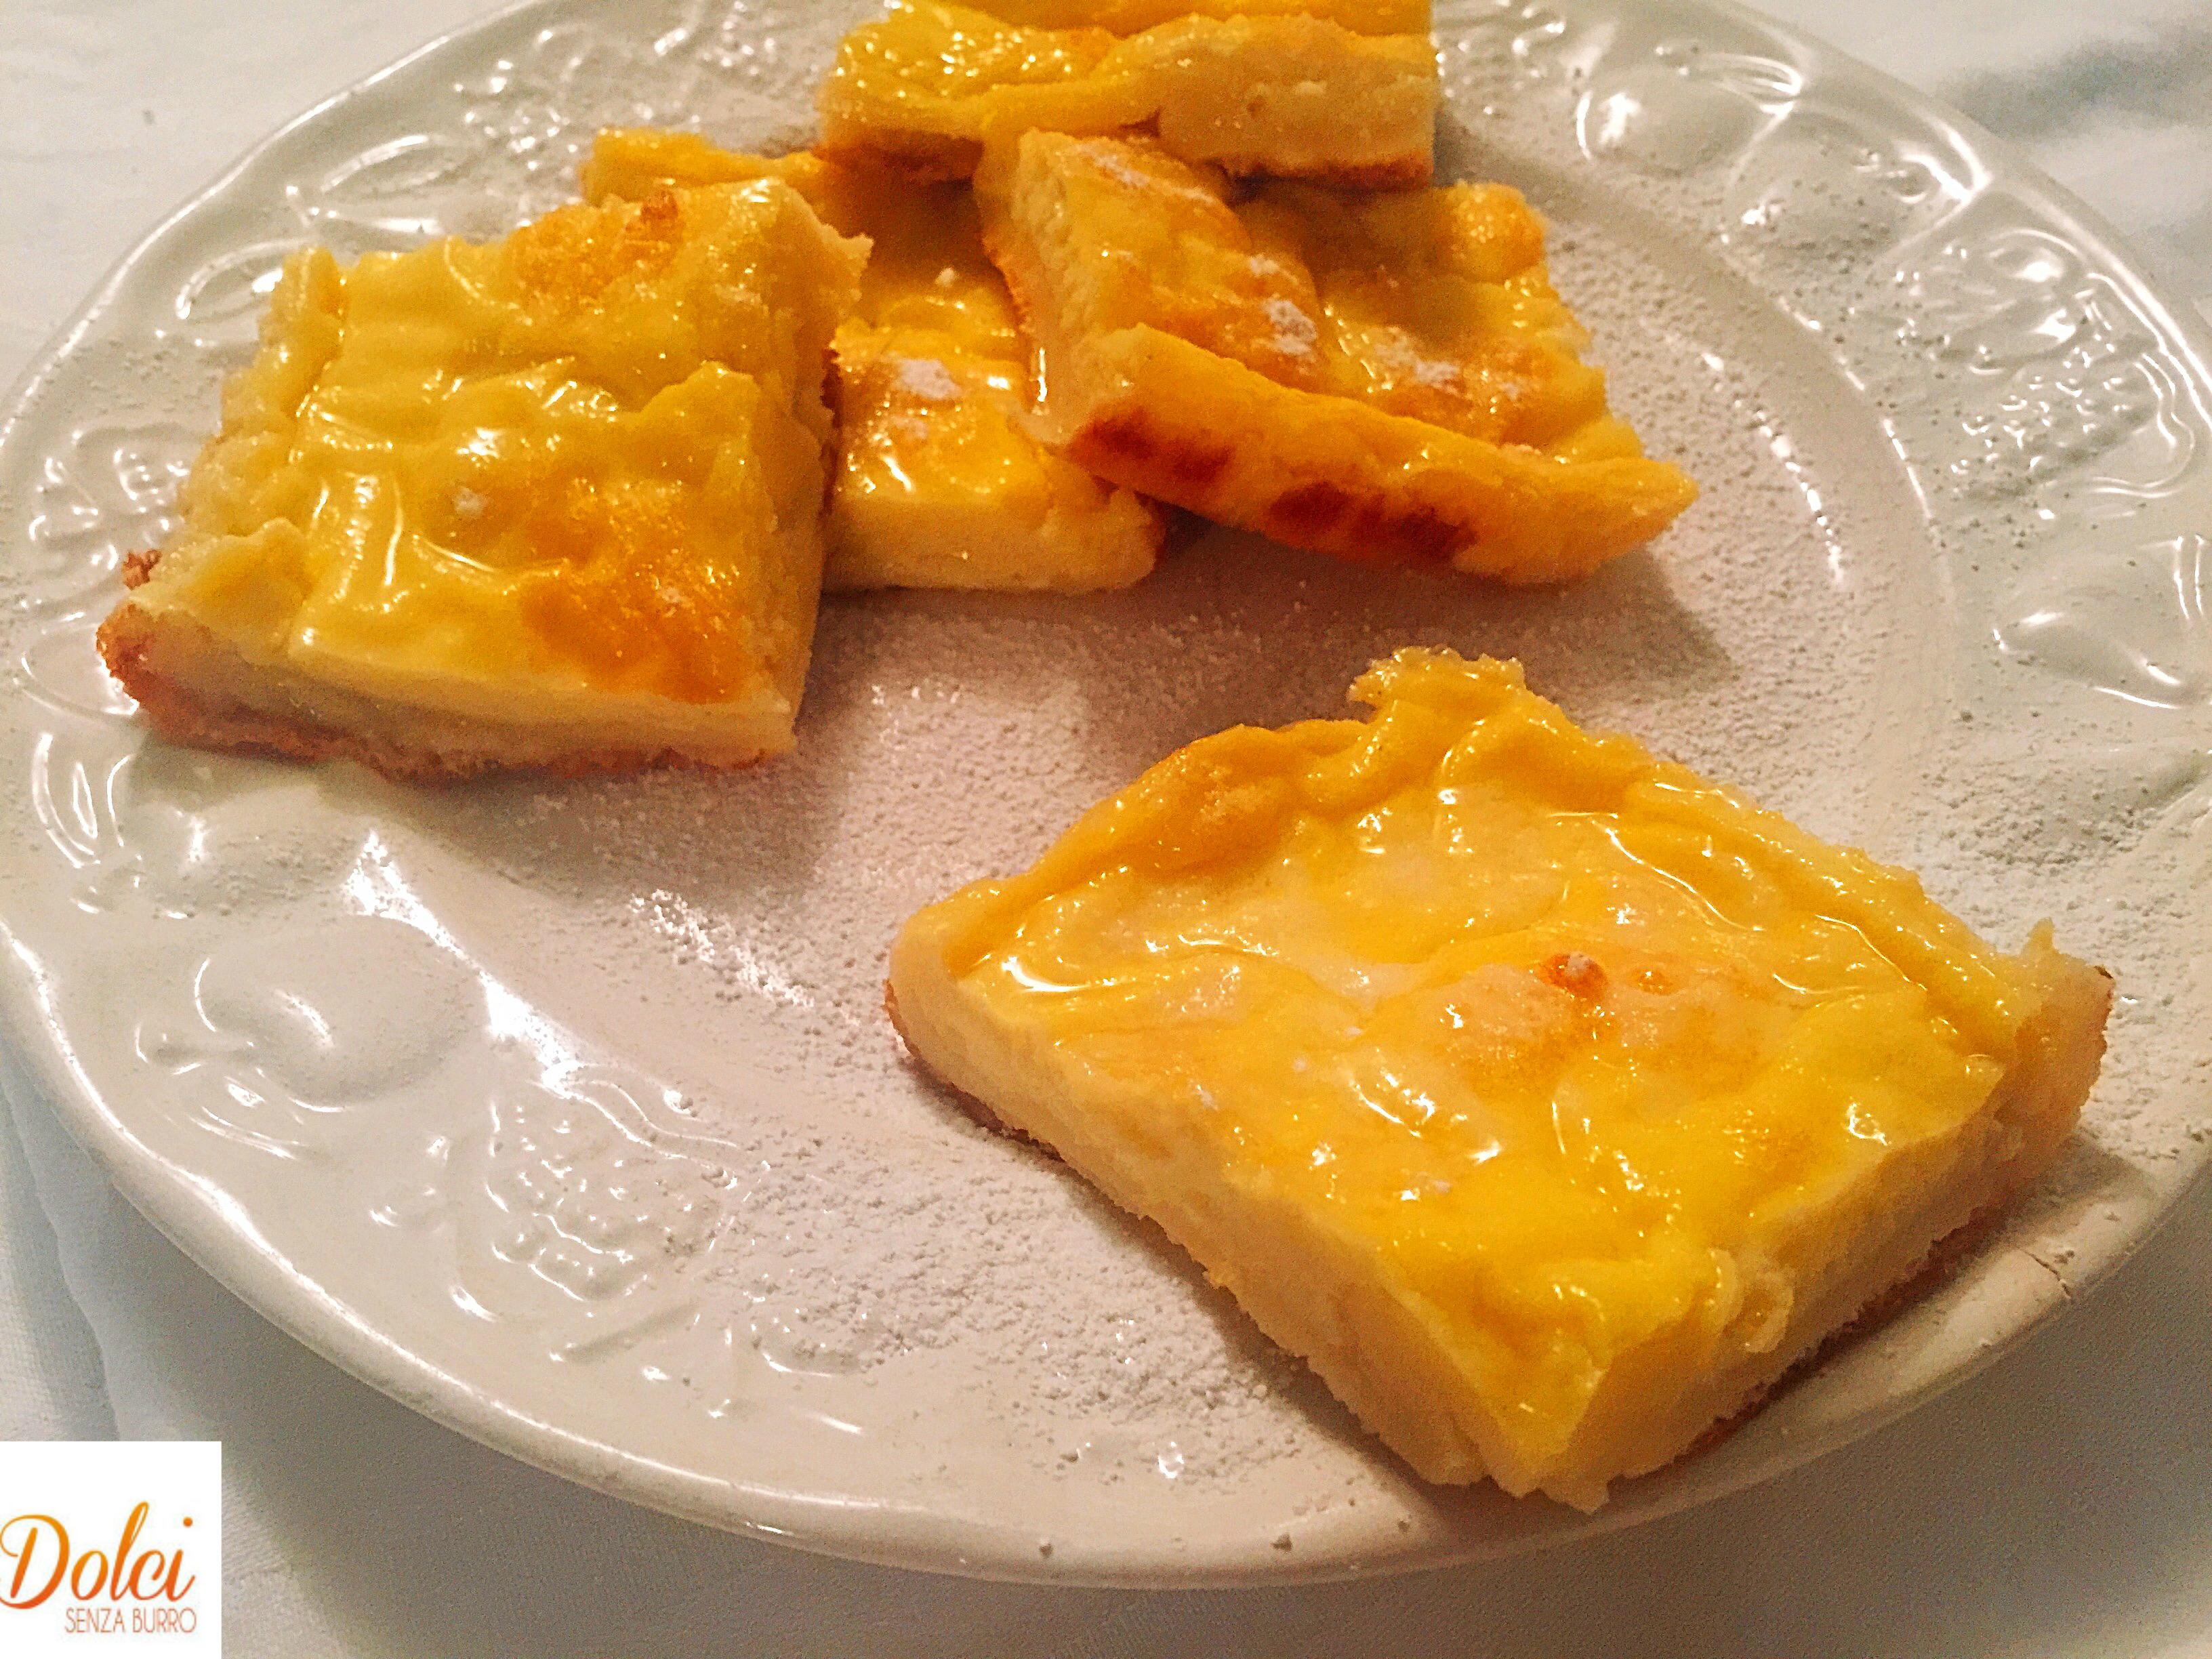 Lattaiolo Toscano, una crema a base di latte e uova aromatizzata con spezie e limone e cotta in forno di dolci senza burro